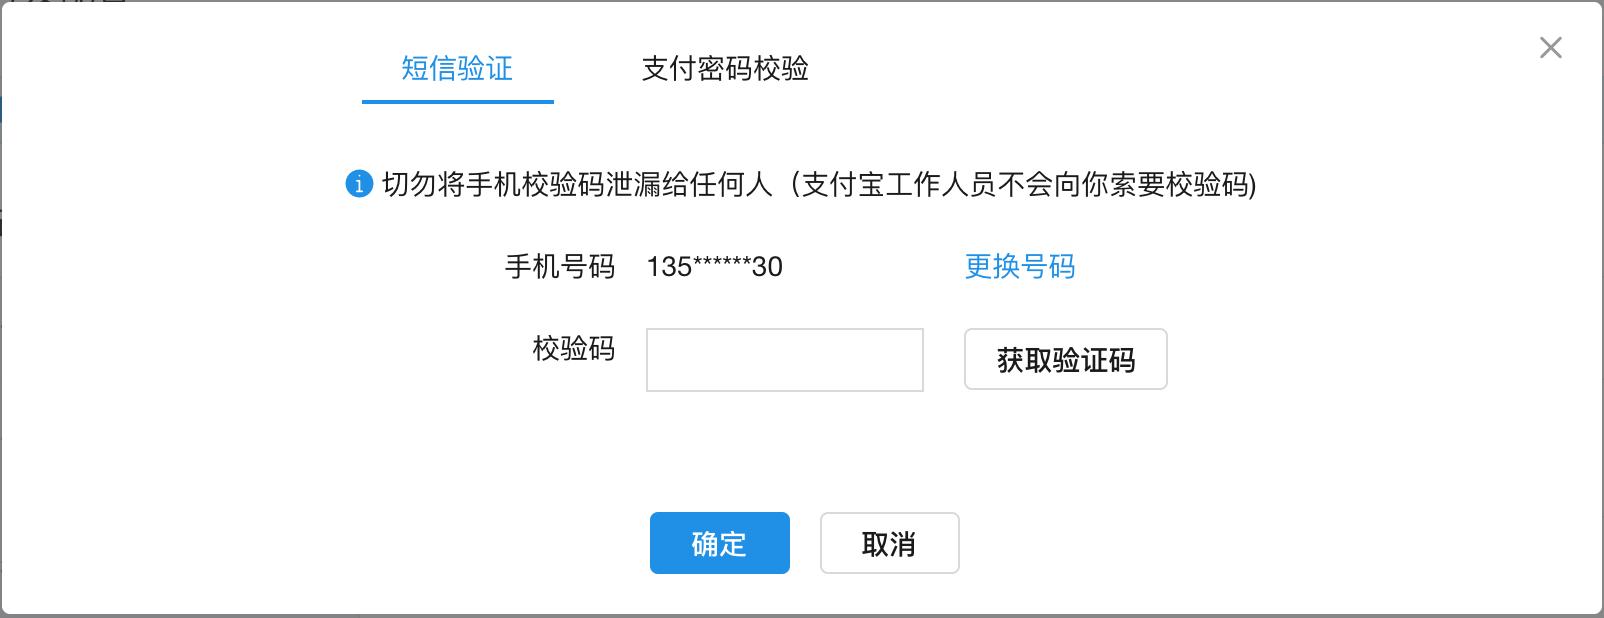 上传应用公钥并获取支付宝公钥11.png